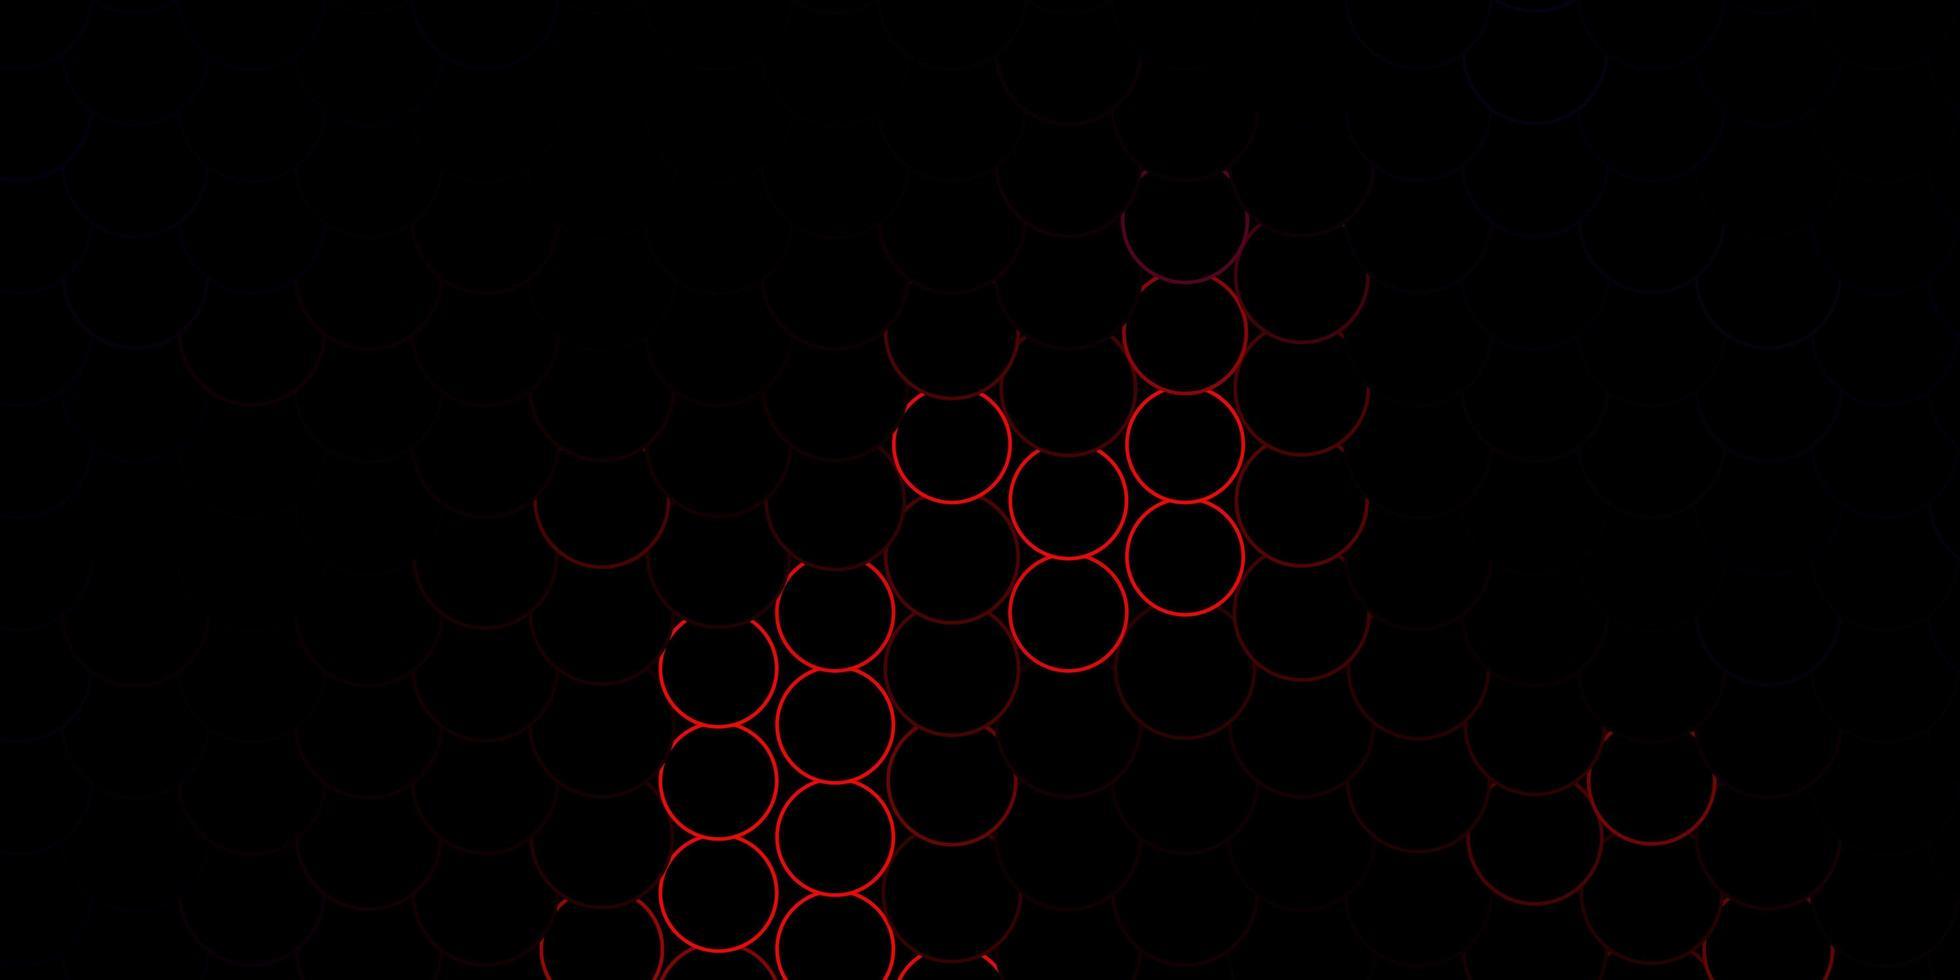 röda konturerade skivor på mörk konsistens vektor